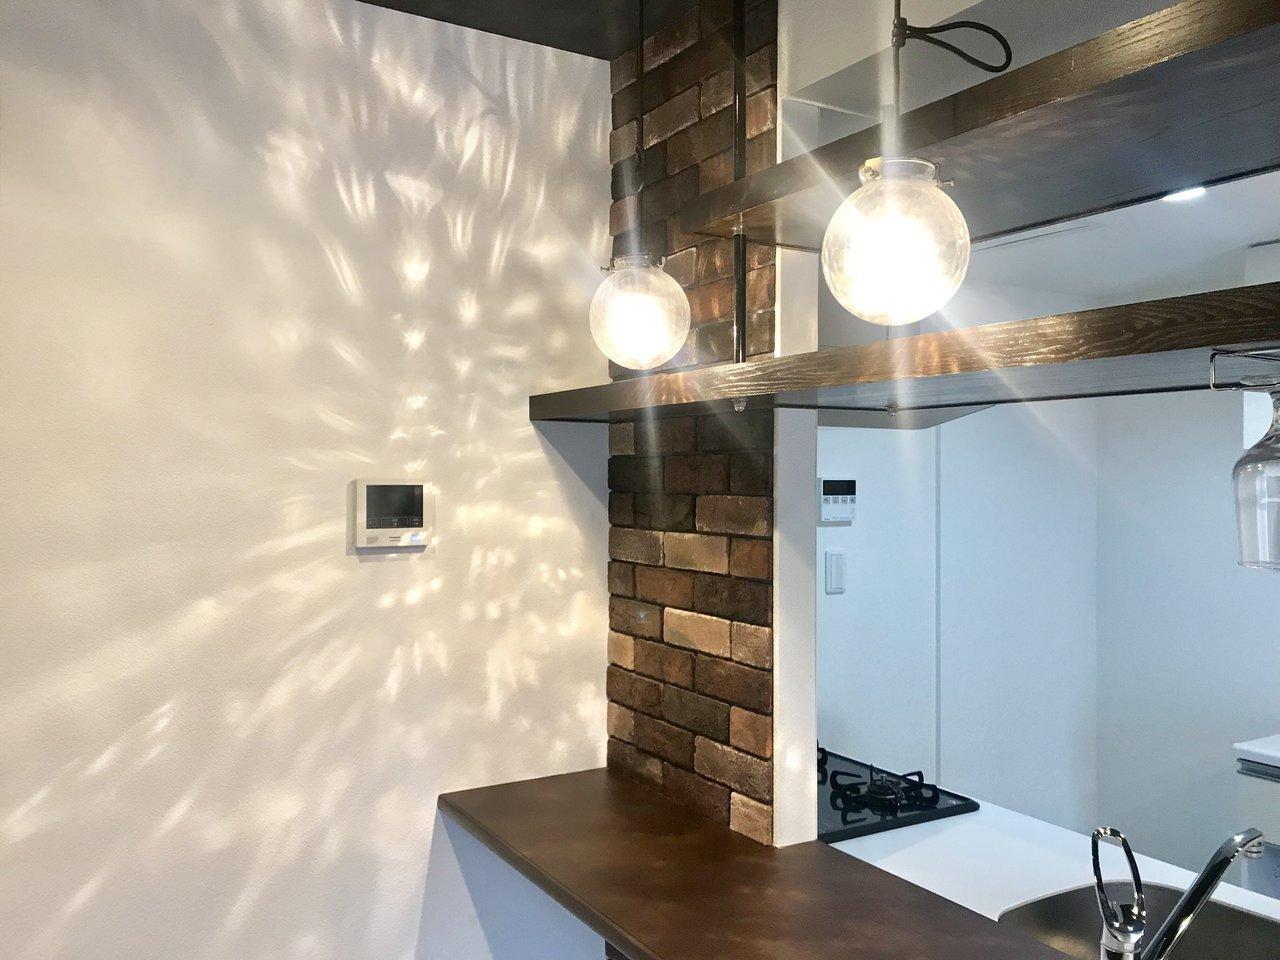 キッチン前の照明も壁に当たると、キラキラとしておしゃれです。決して派手な感じがしないのが、いいところ。